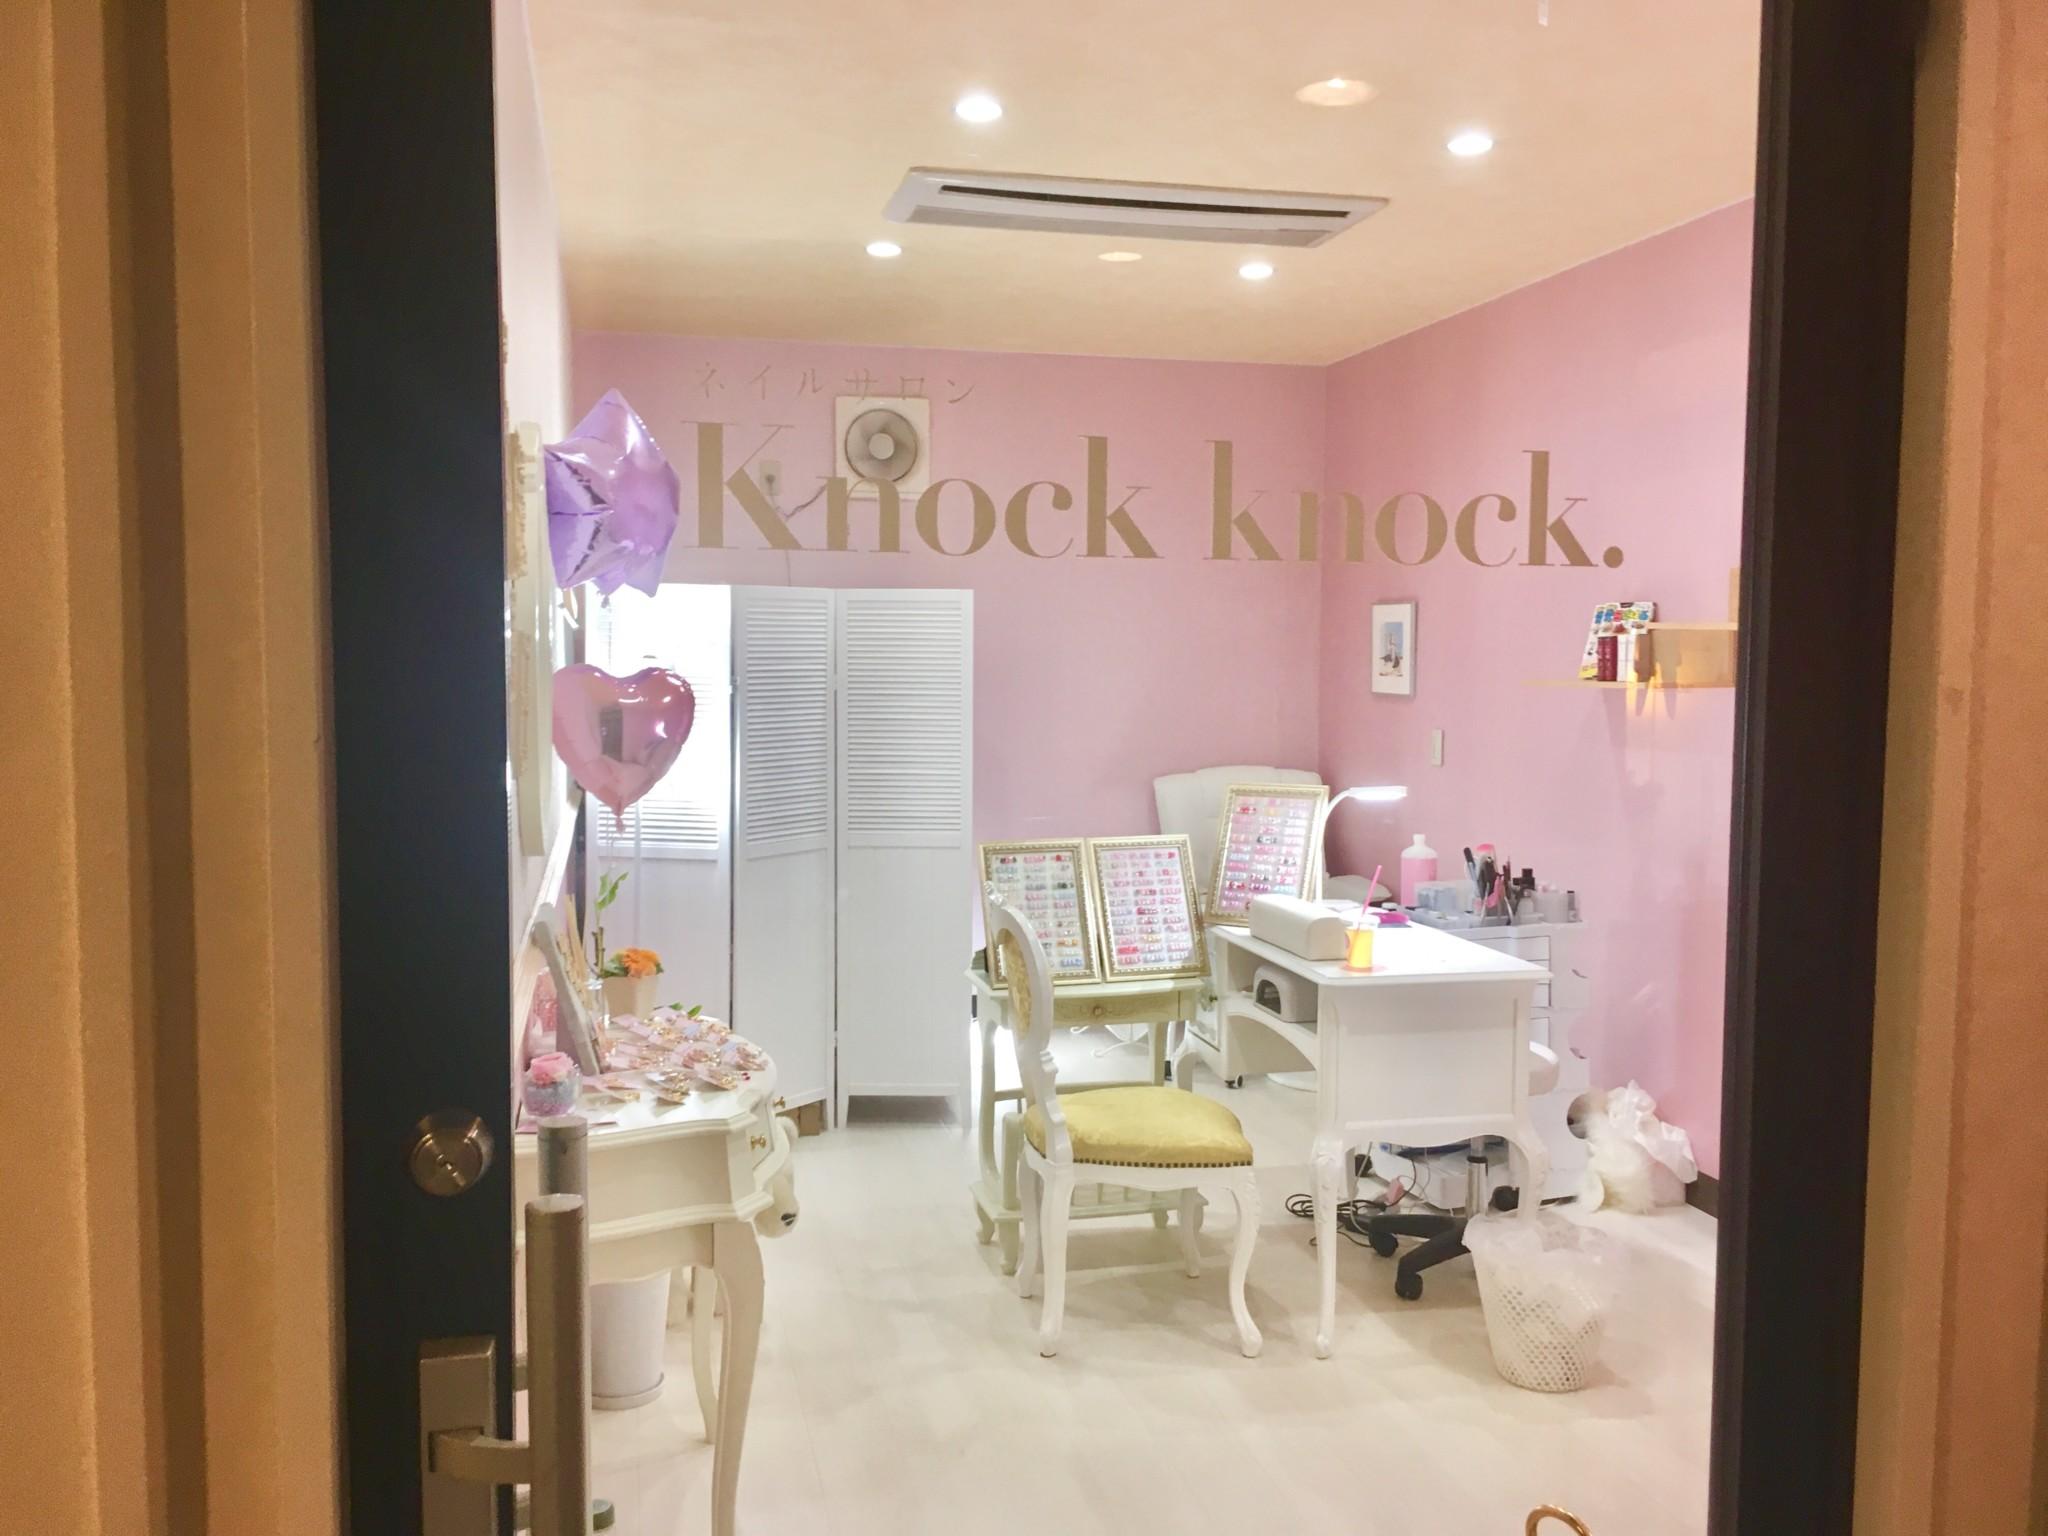 ピンクの可愛い代官山のネイルサロンknockknock3